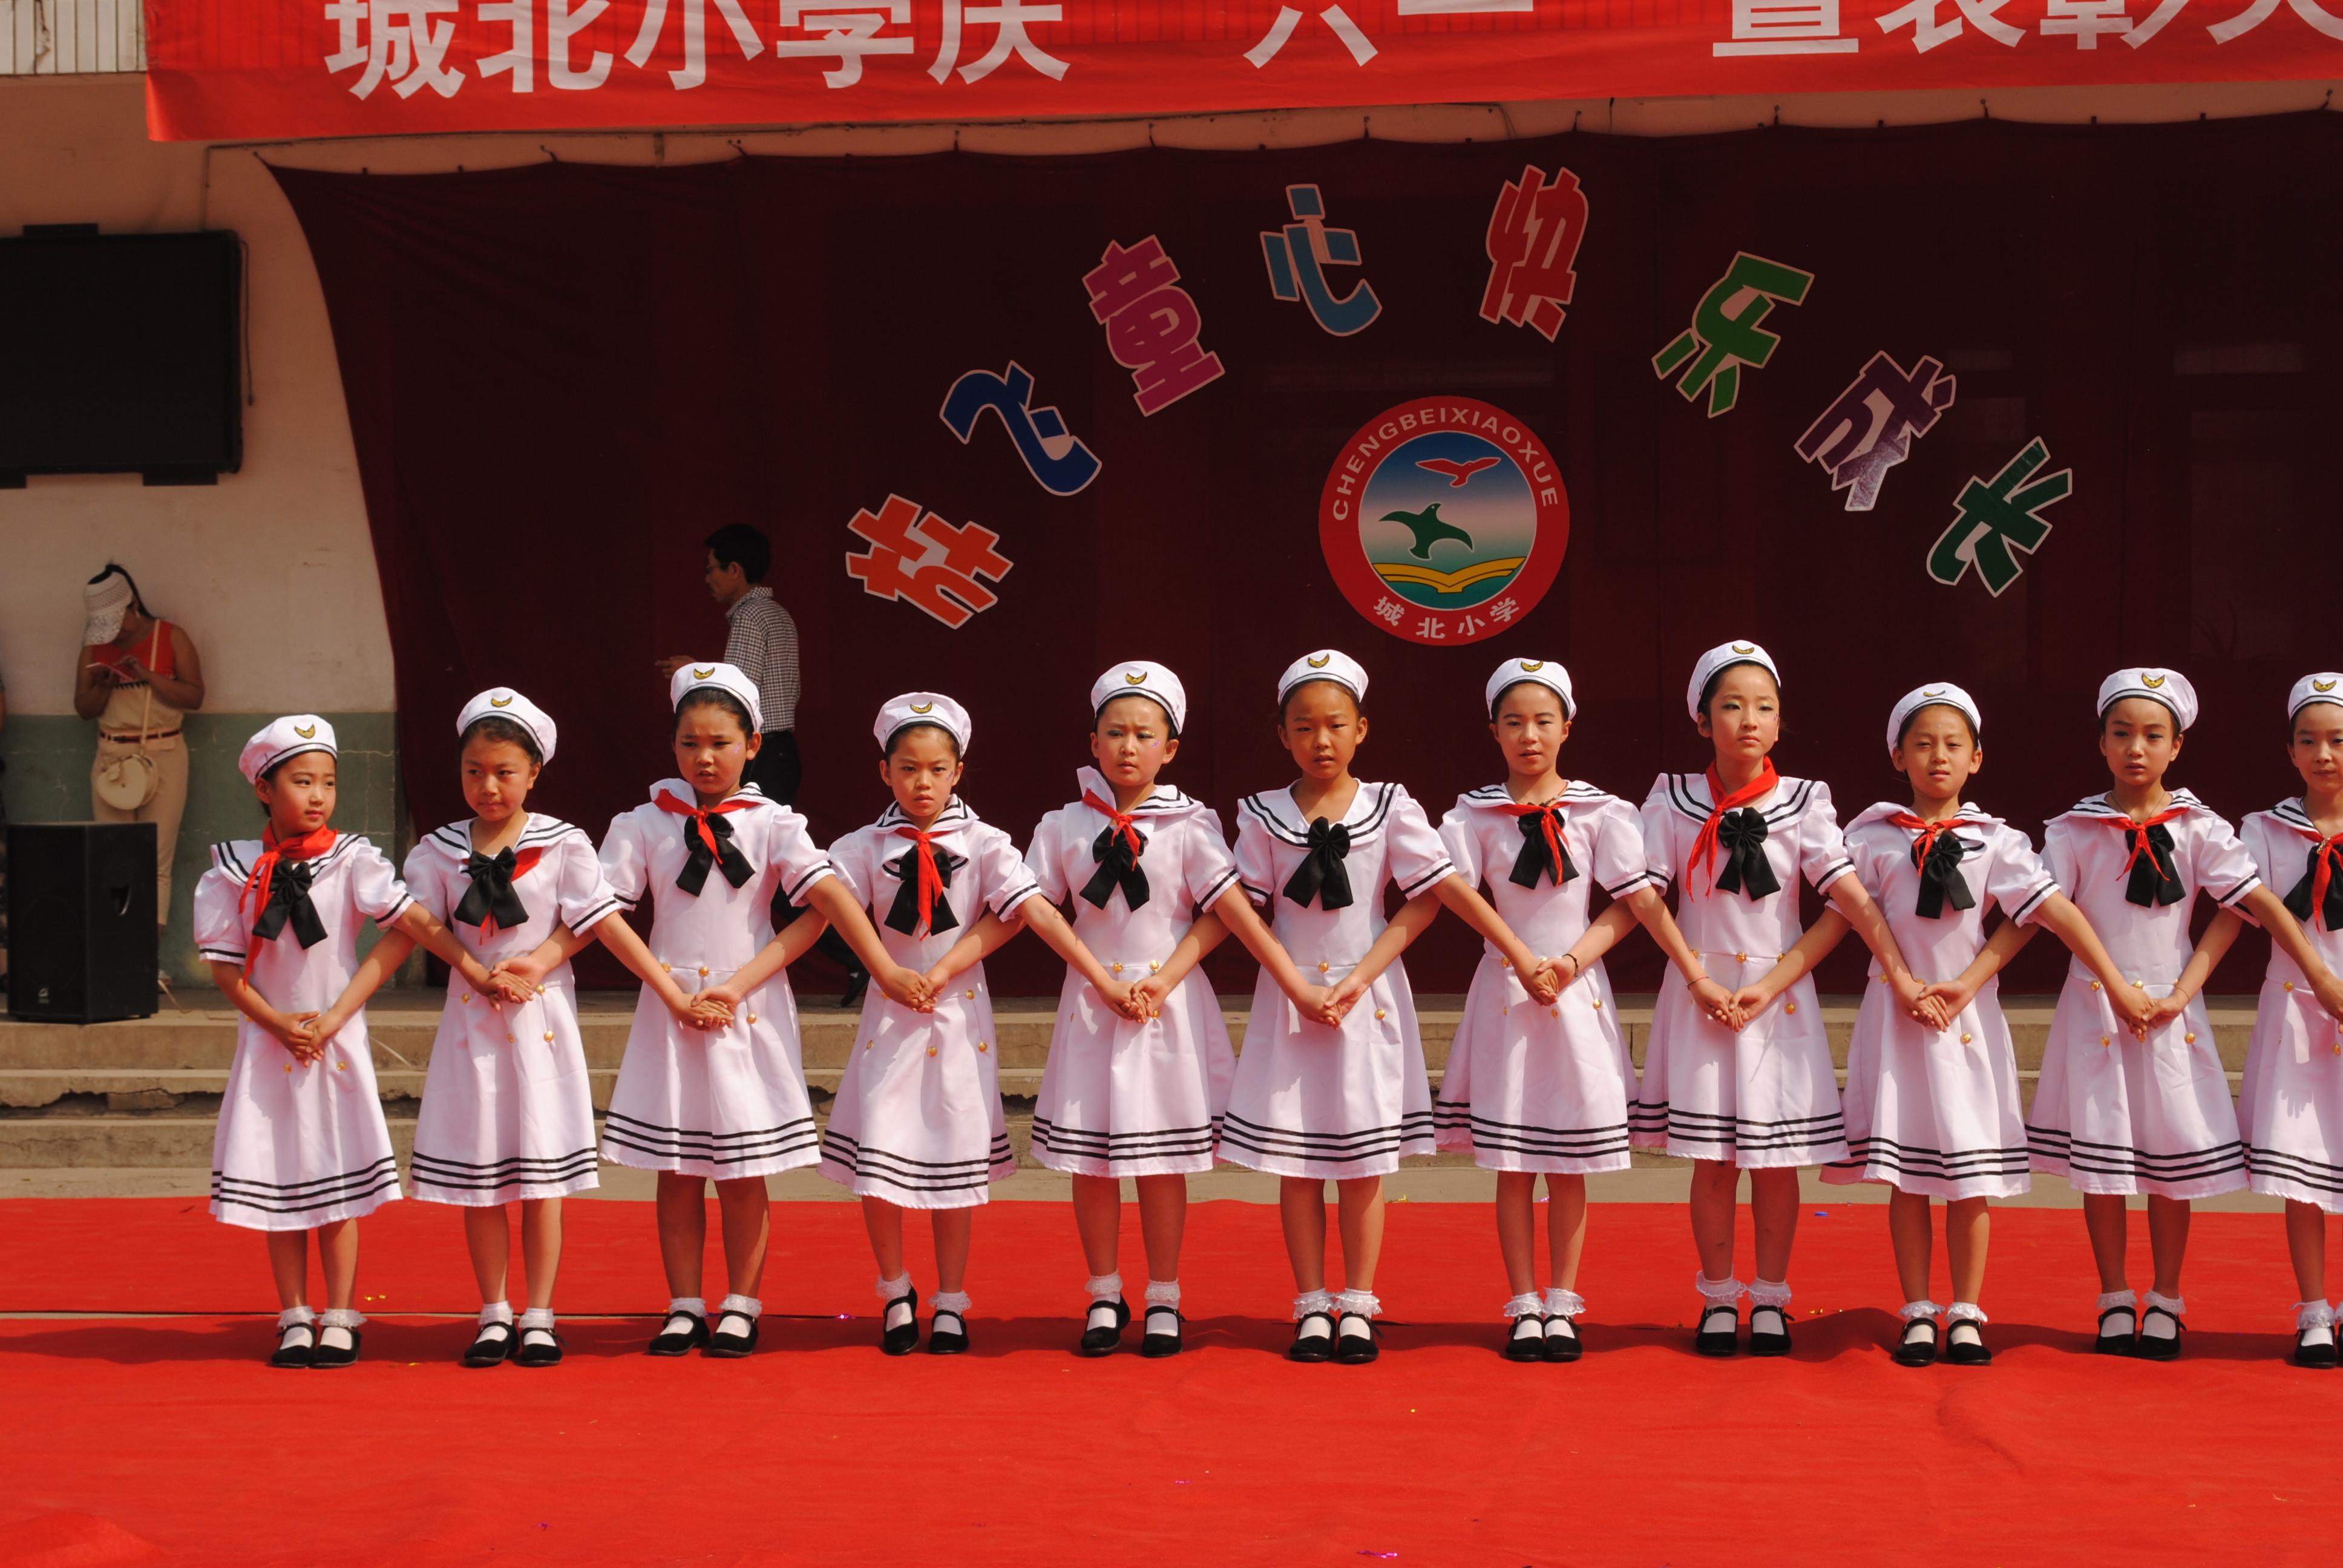 交城城北小学庆六一-2014各地六一精彩活动报名天几小学图片